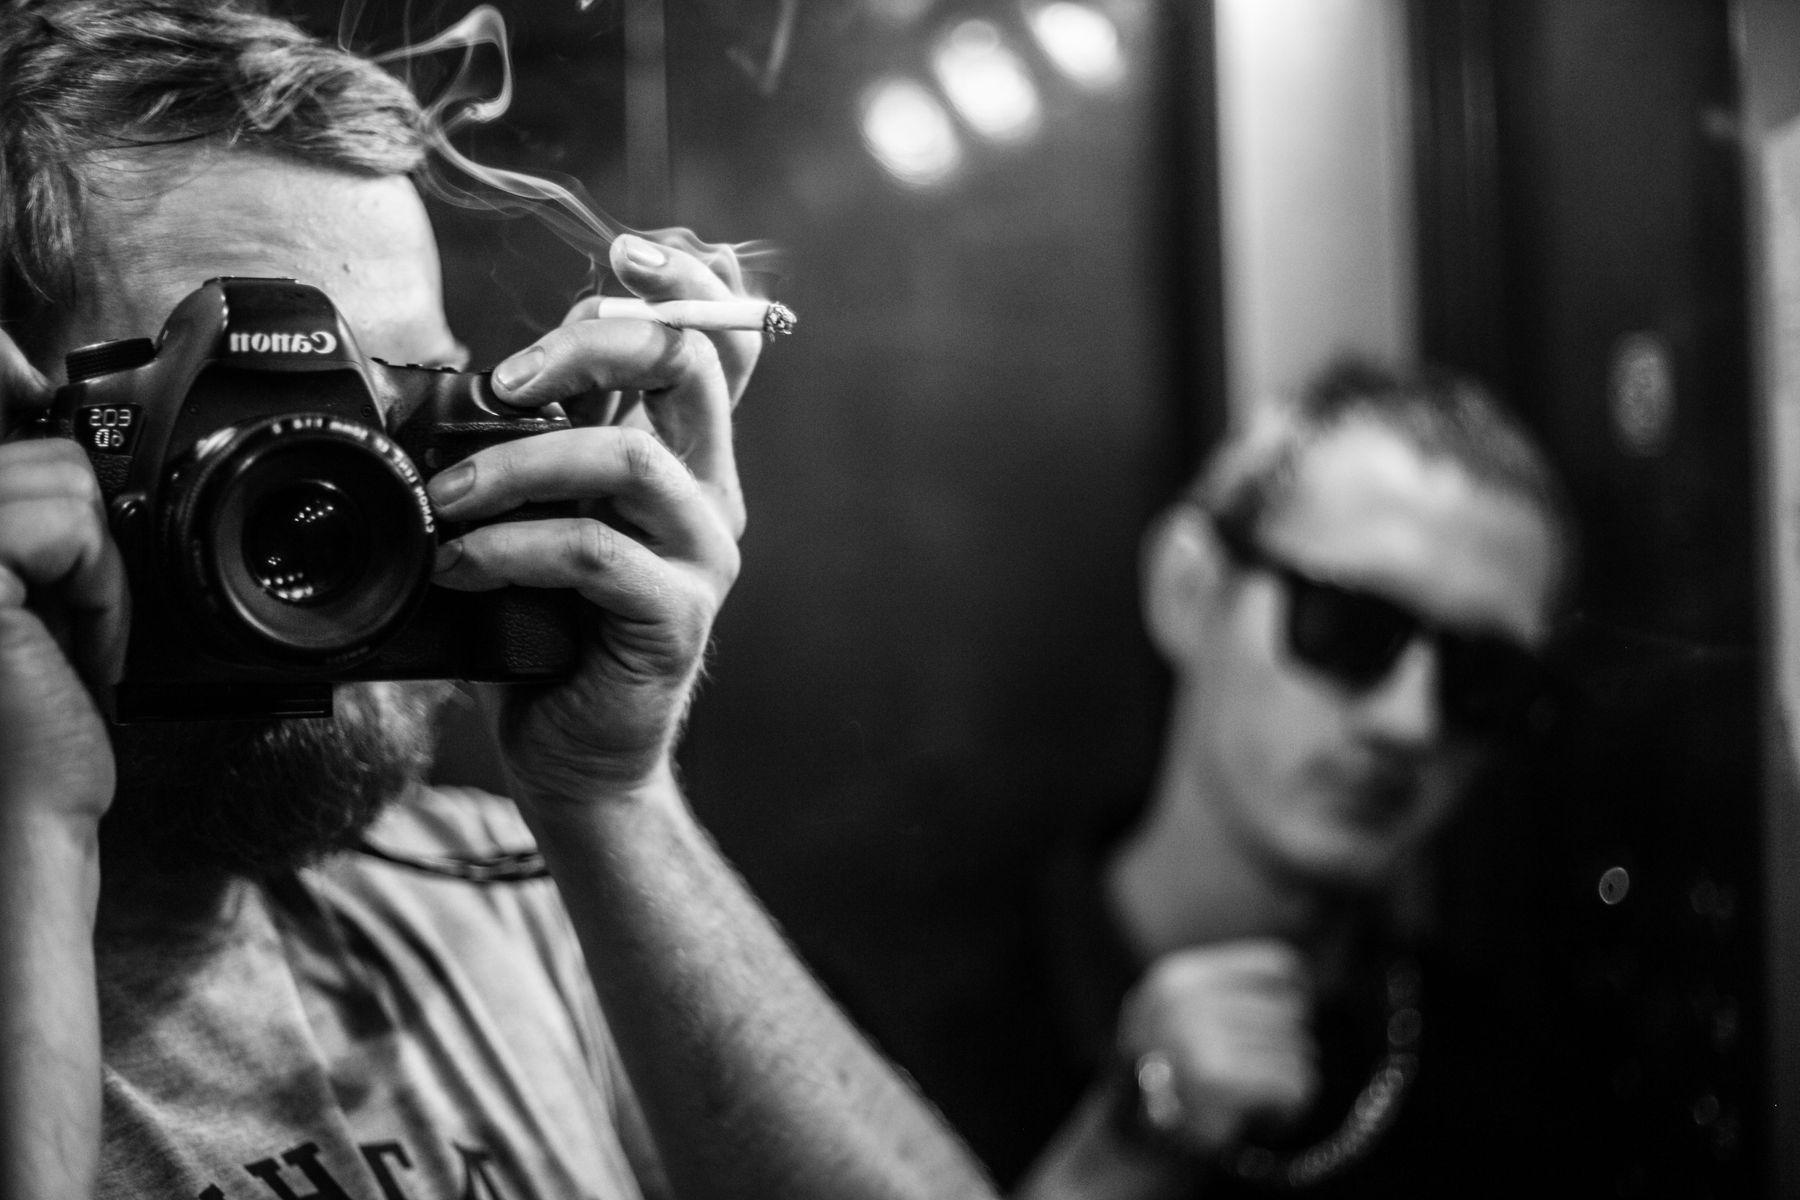 фотограф с сигаретой